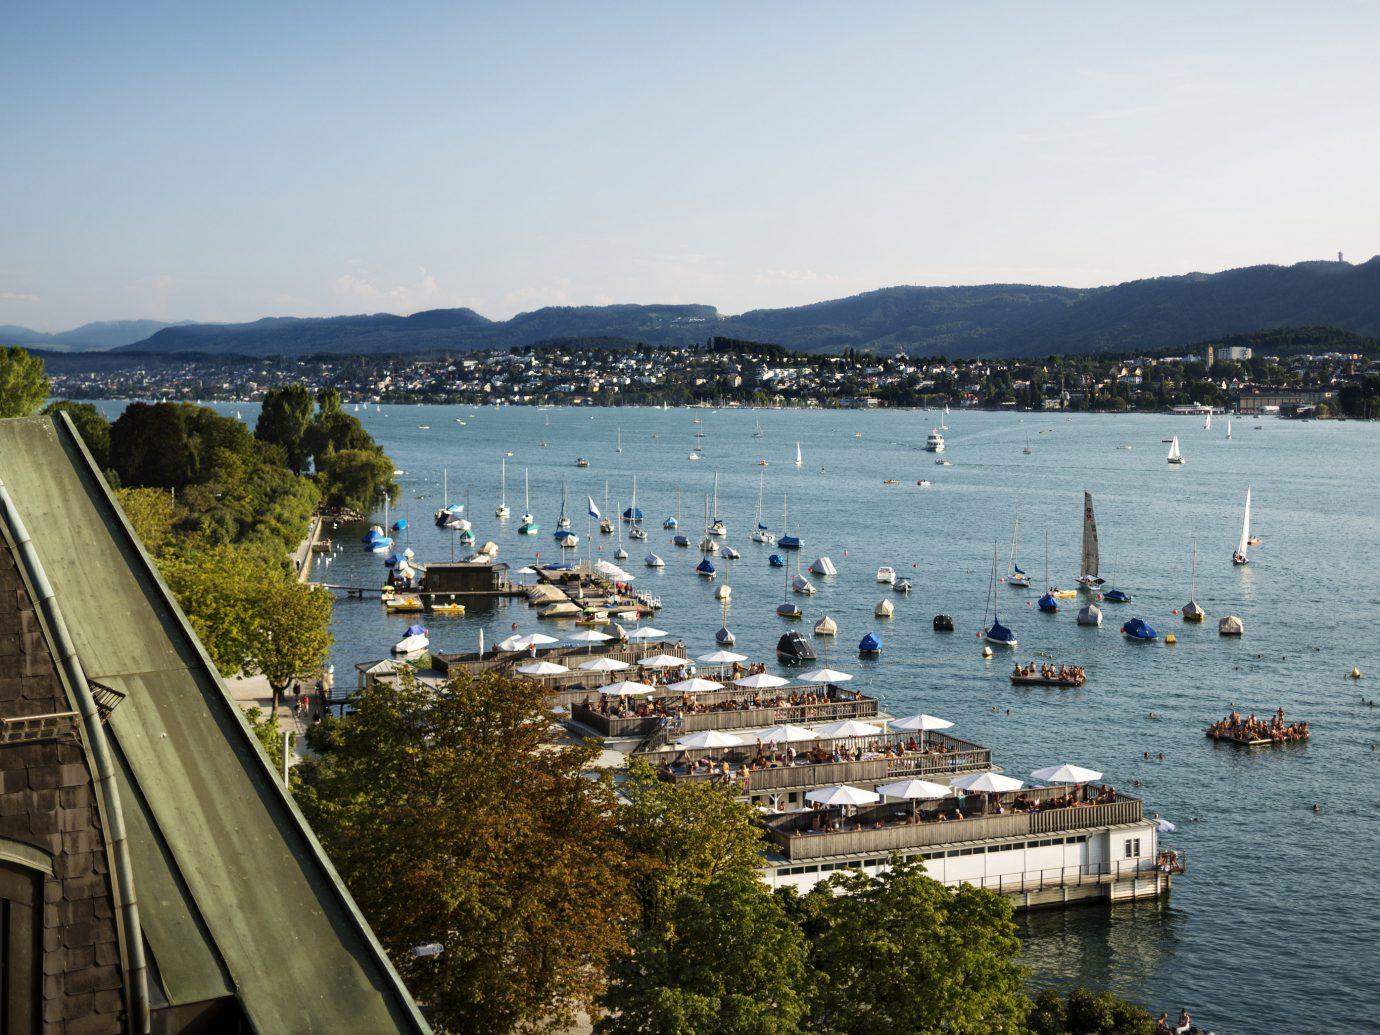 Eden au Lac, Zurich